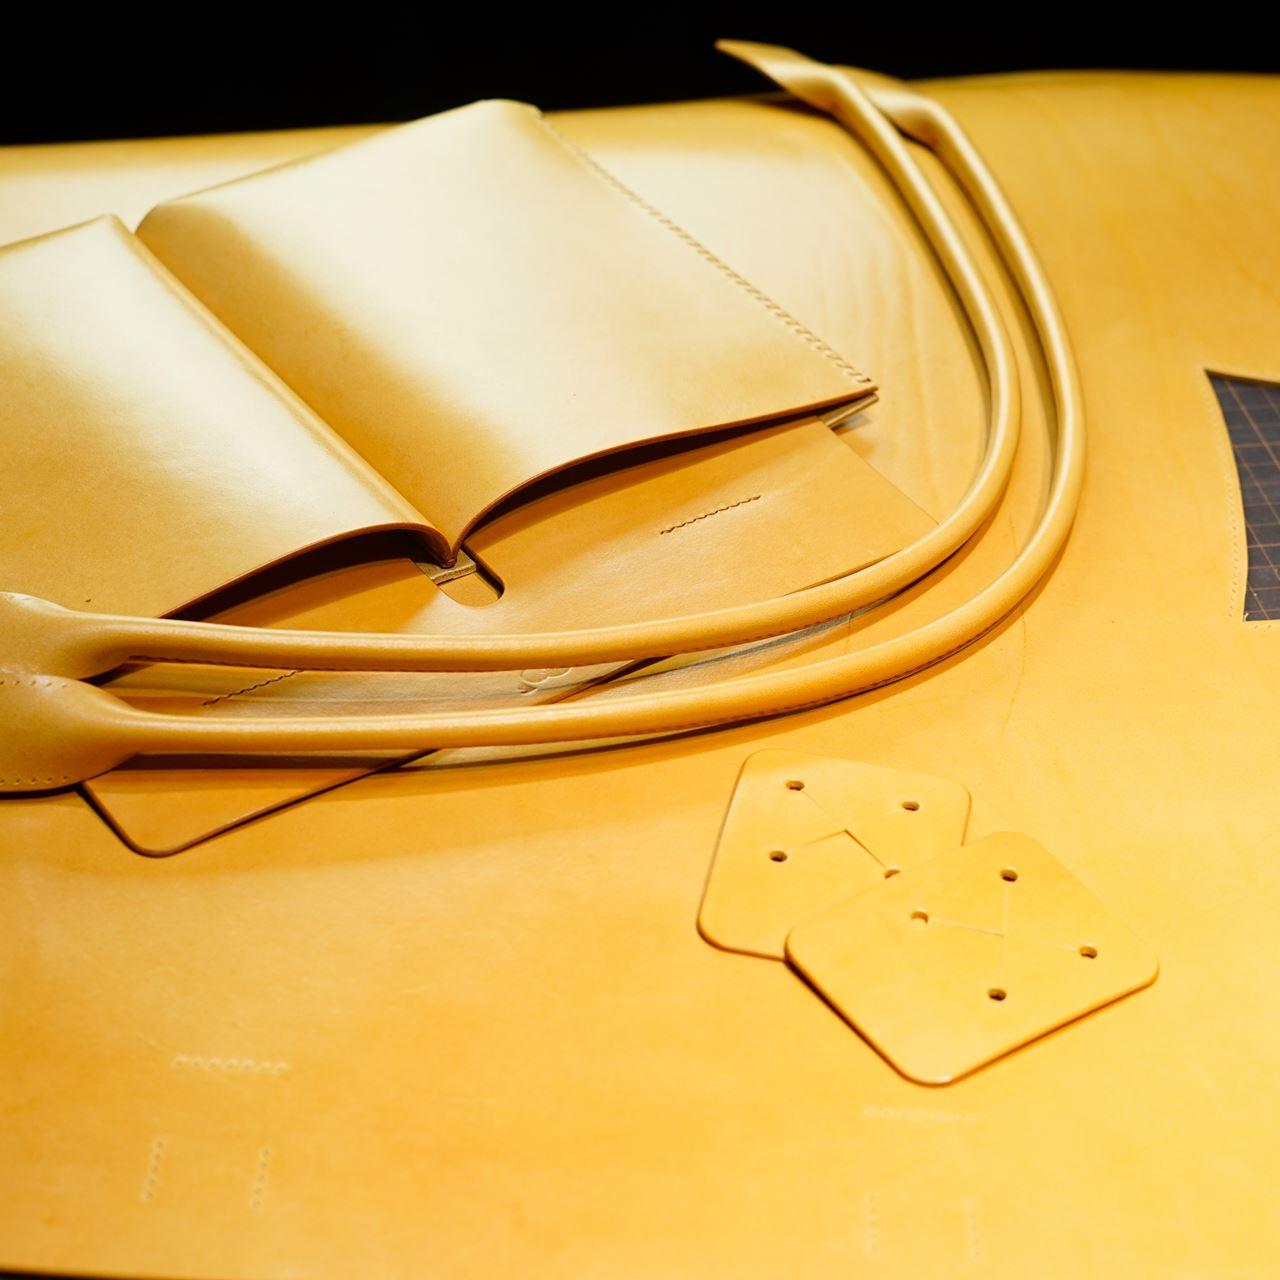 生成りビンテージのトートバッグ2型をつくる その2